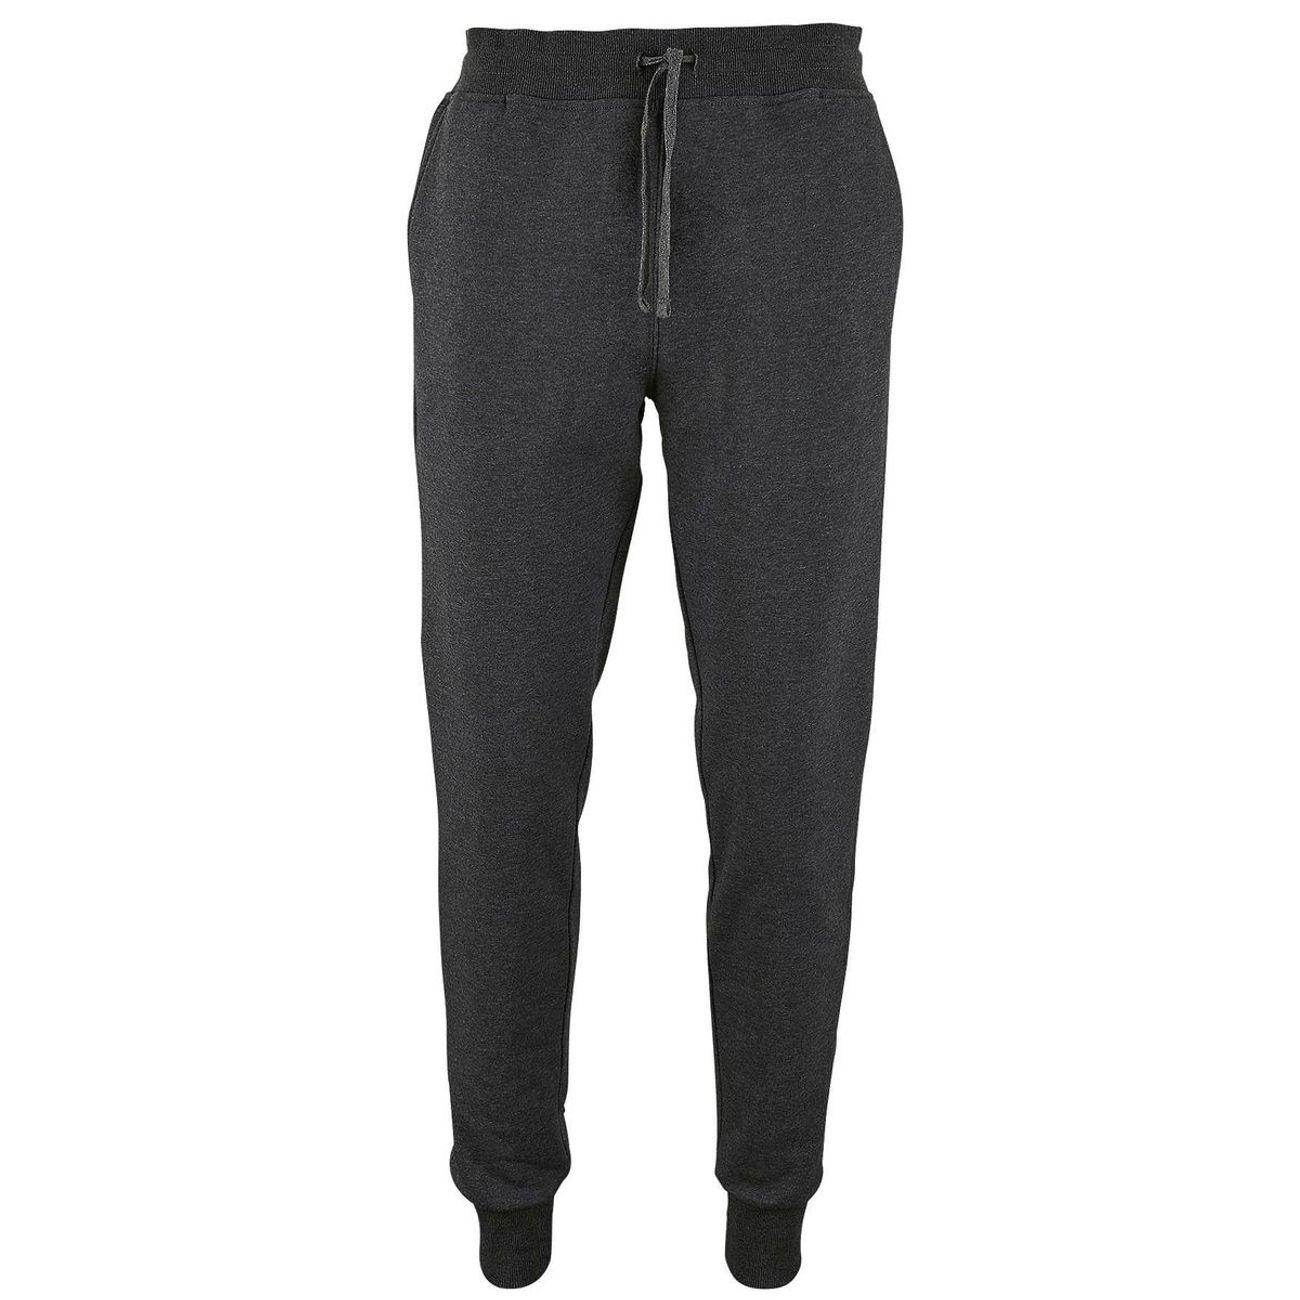 2156e60cebc pantalon-jogging-homme-coupe-slim---homme---02084---gris-anthracite 1 v3.jpeg